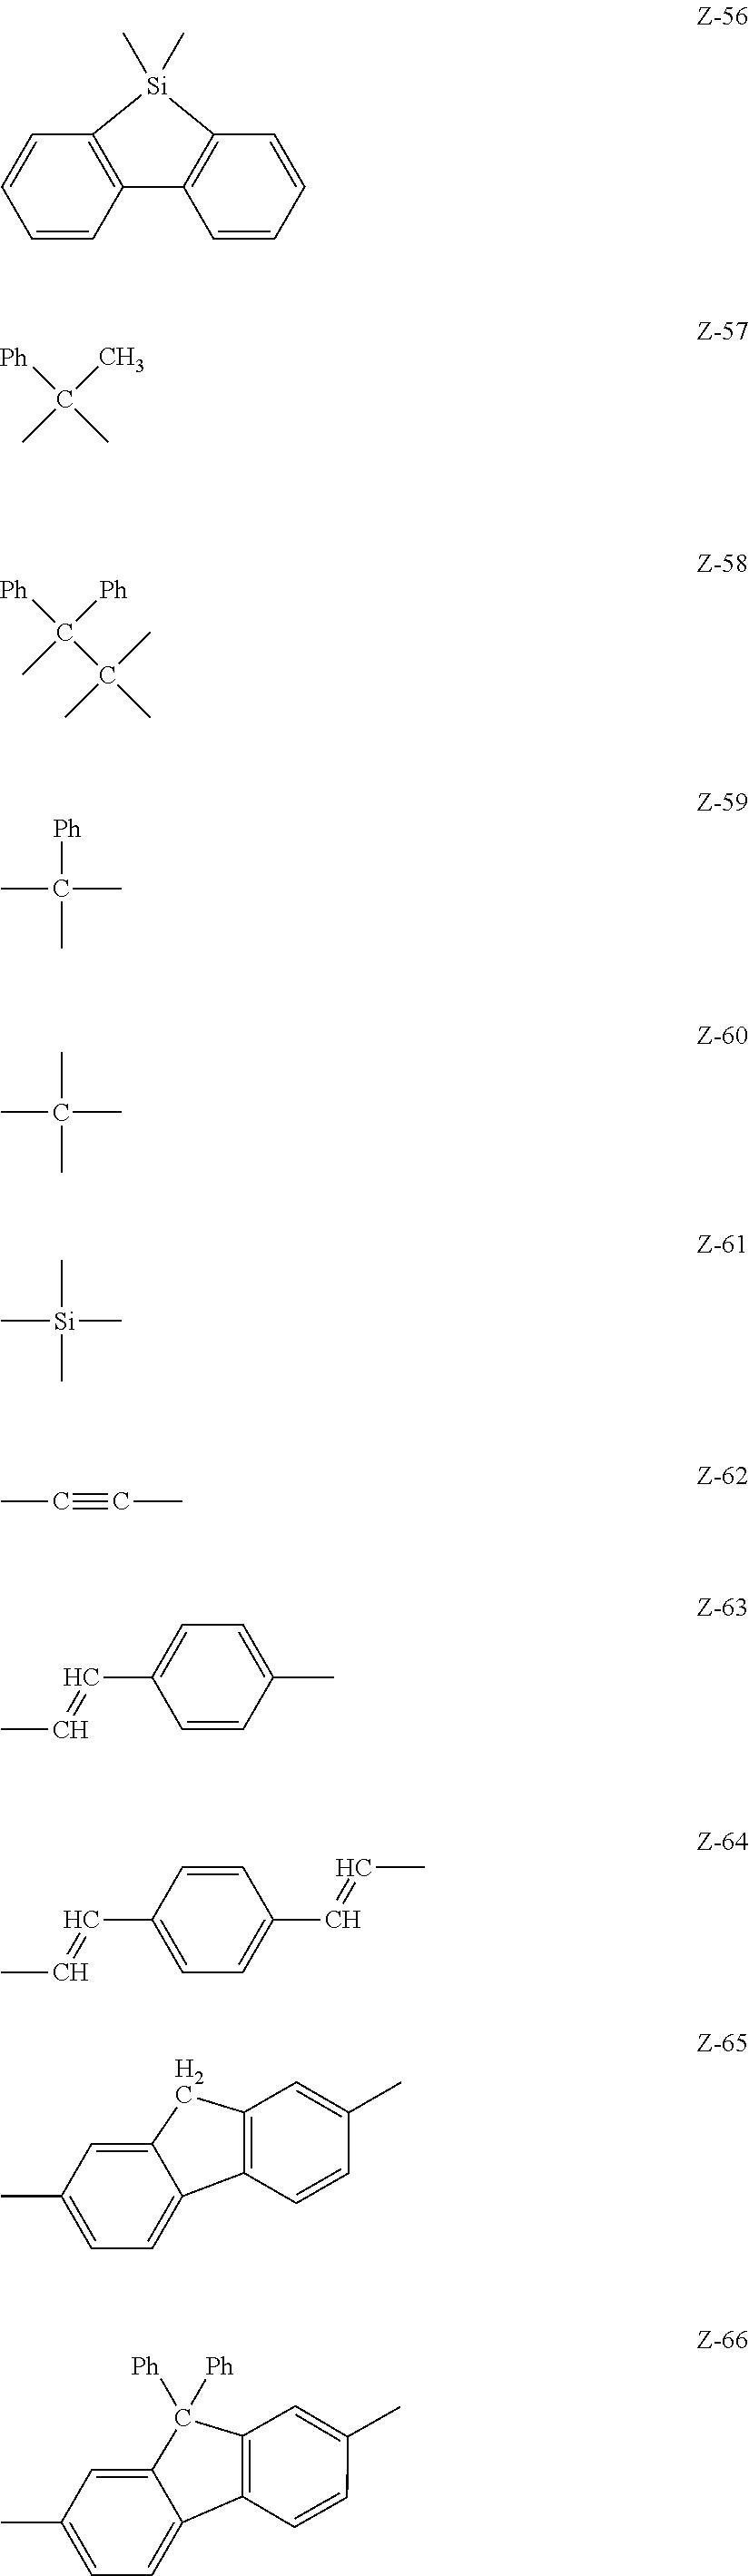 Figure US20110215312A1-20110908-C00038